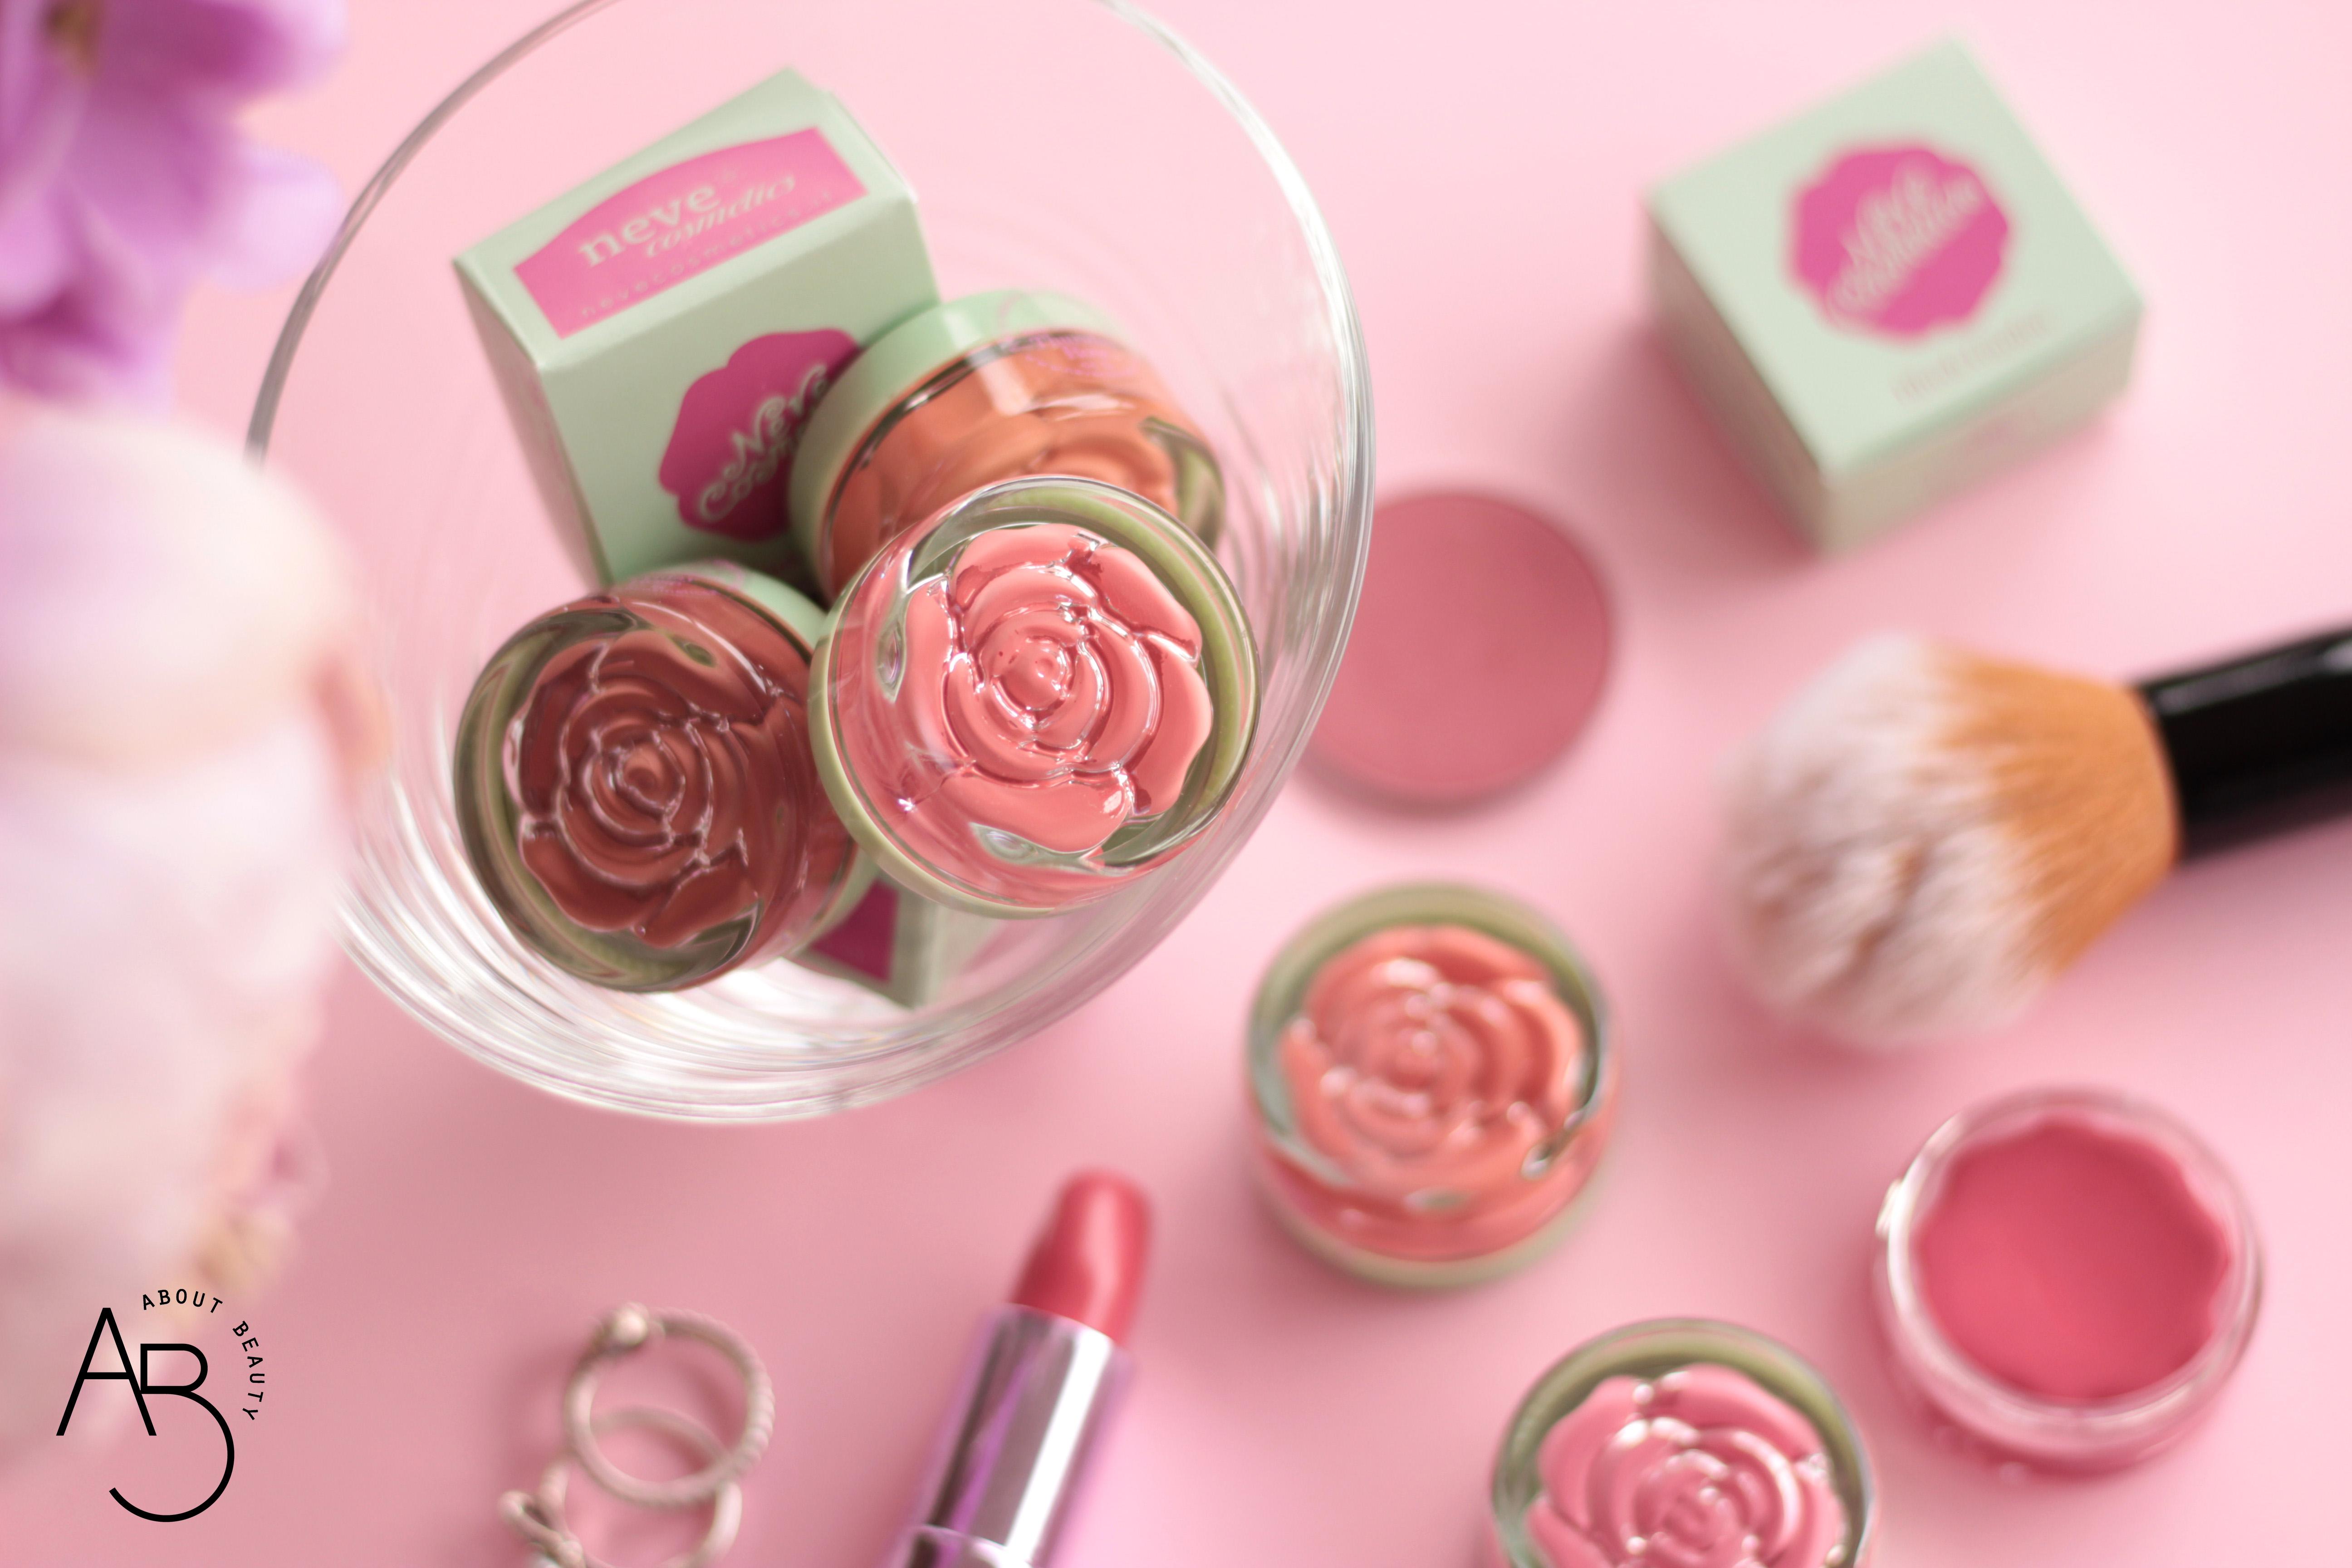 Blush Garden Neve Cosmetics: recensione, review, swatch, opinioni, sconto, dove acquistare, prezzo